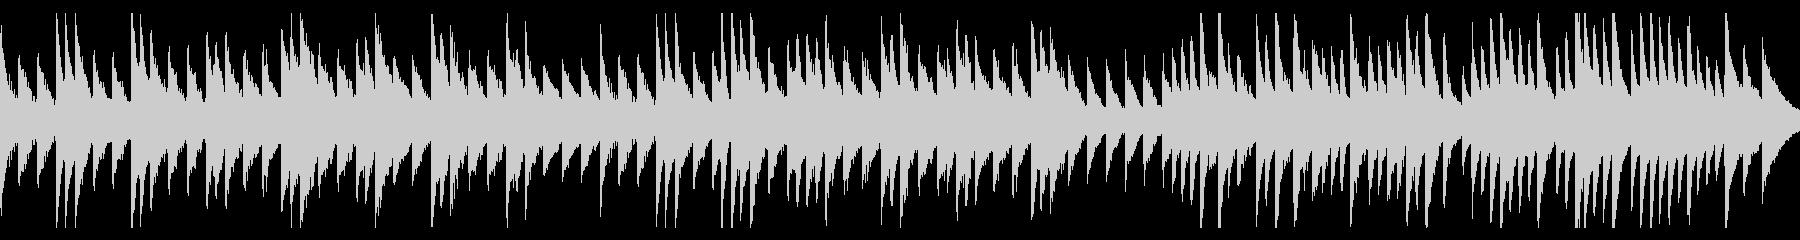 ピアノの切ないバラードの未再生の波形